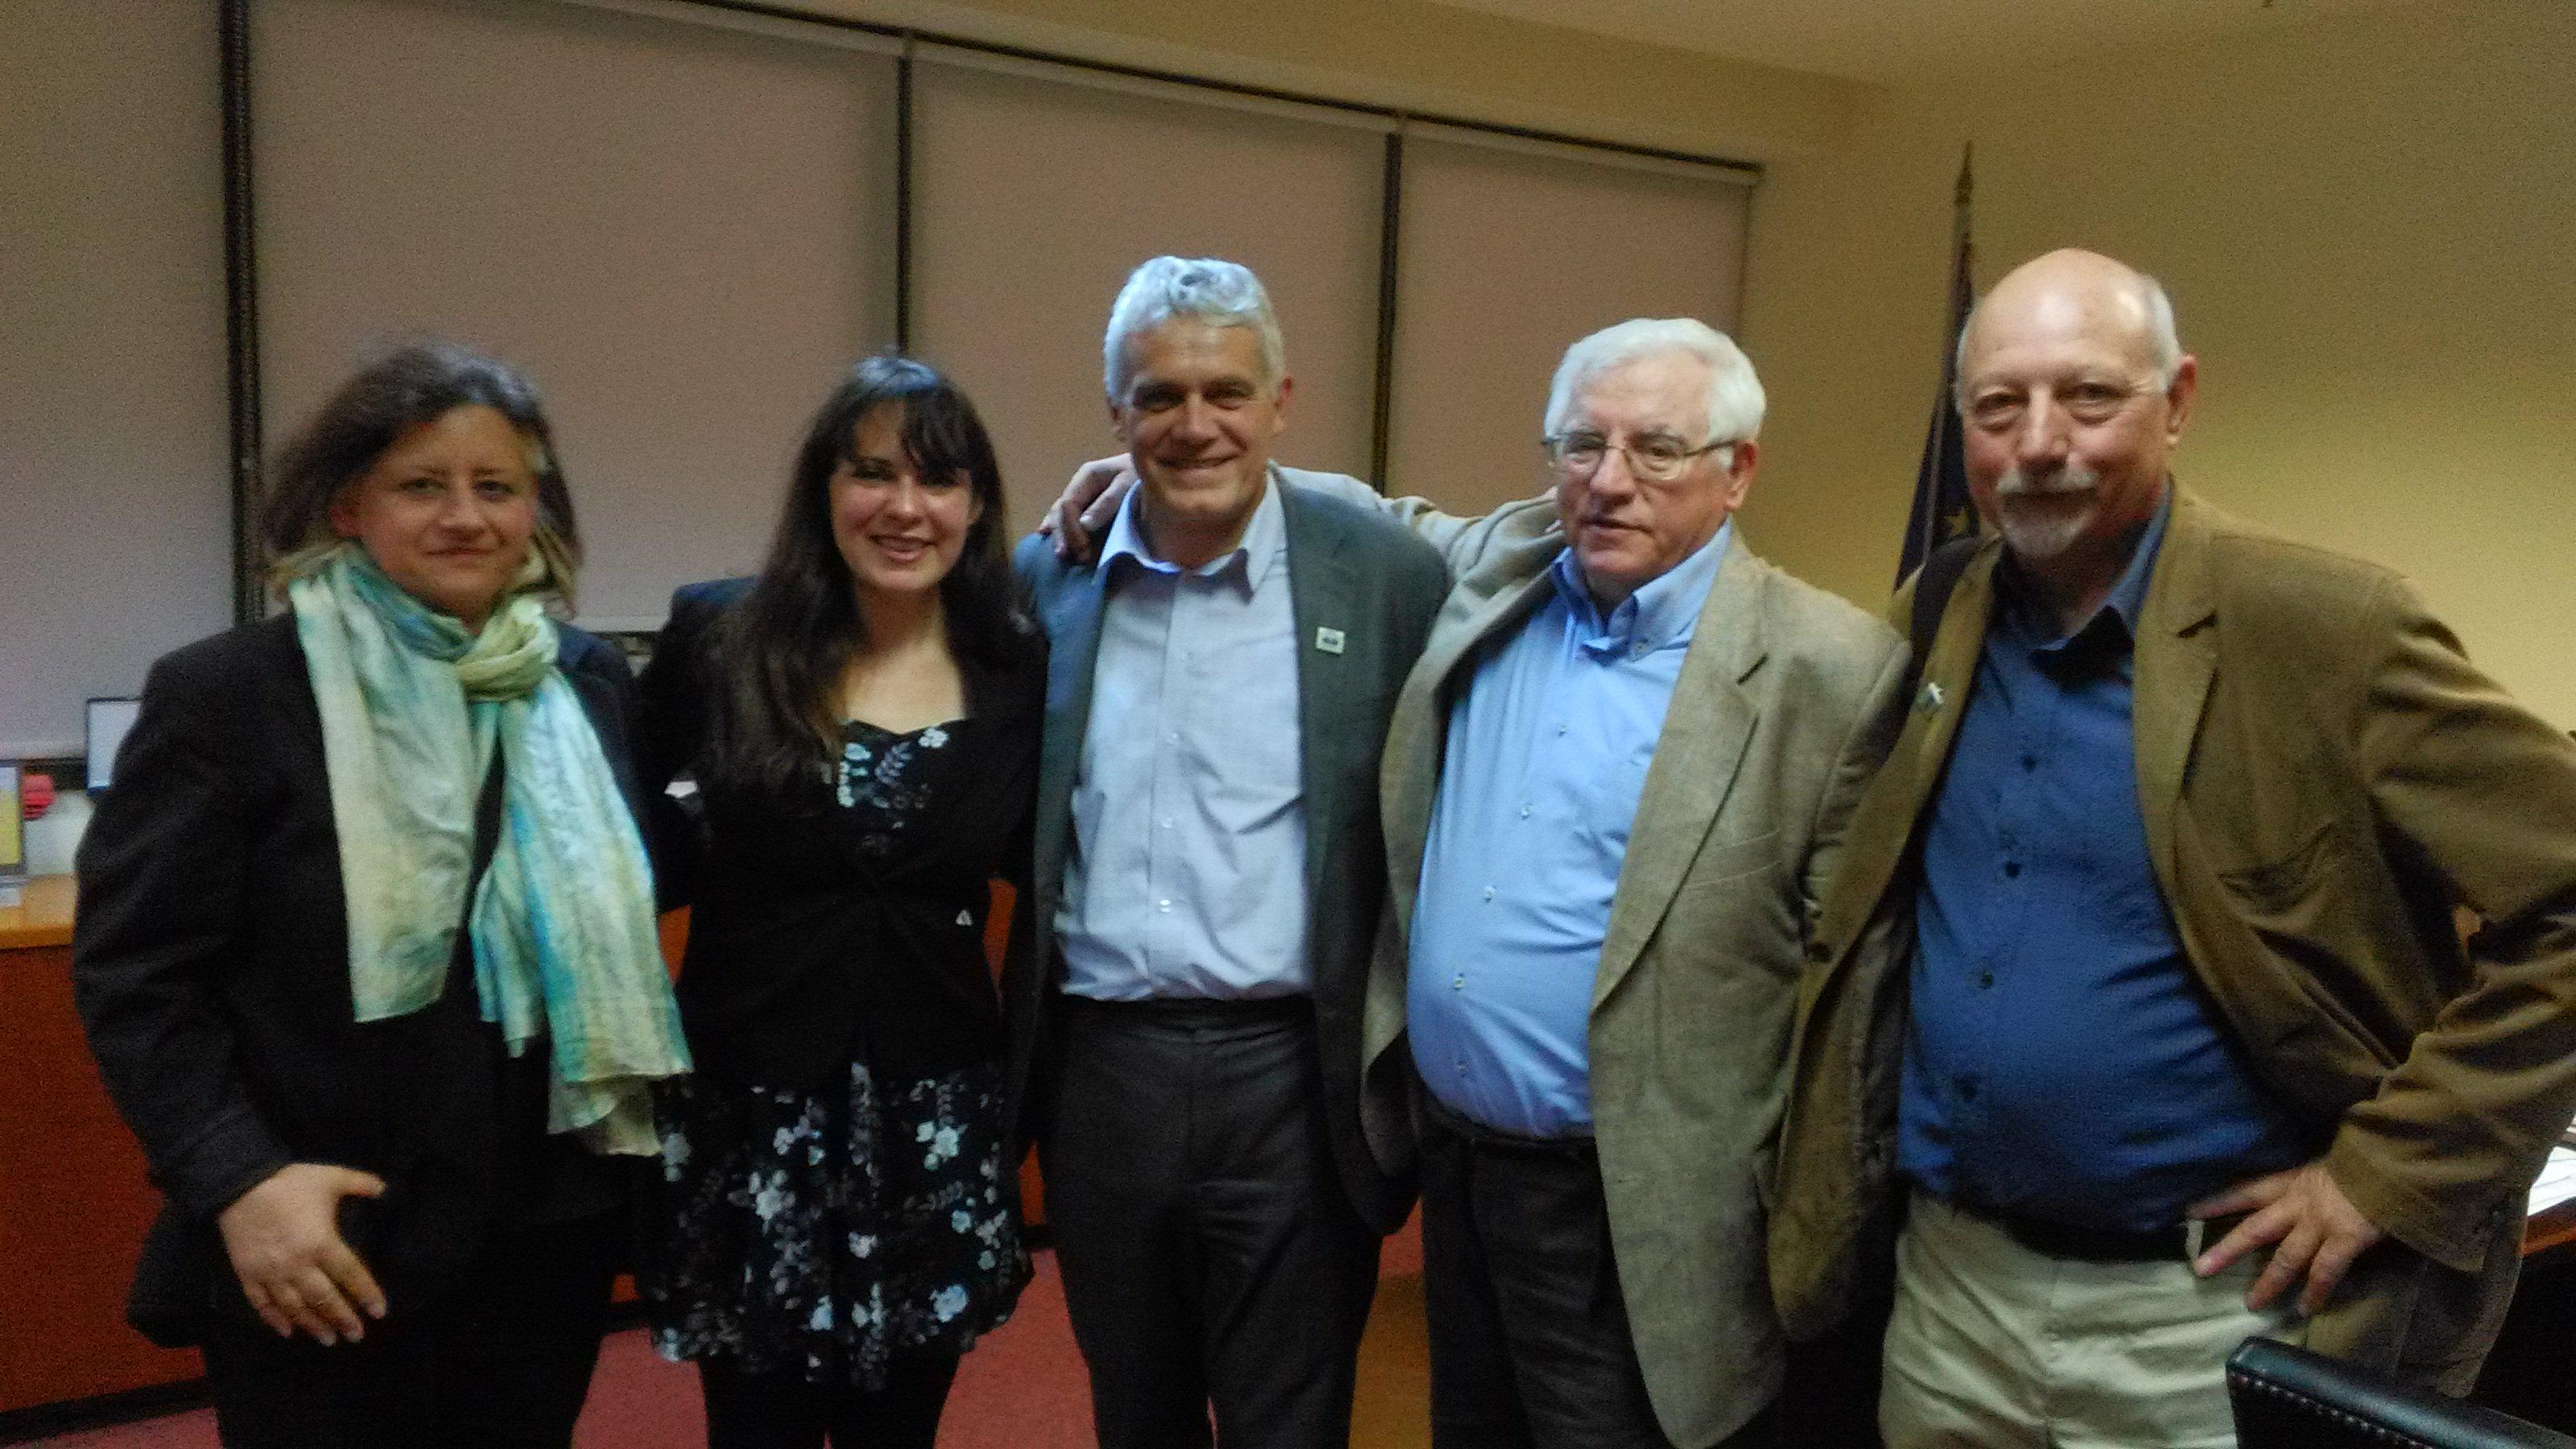 Συνάντηση Γ. Τσιρώνη με αντιπροσωπεία της Greece Solidarity Campaign για το περιβάλλον